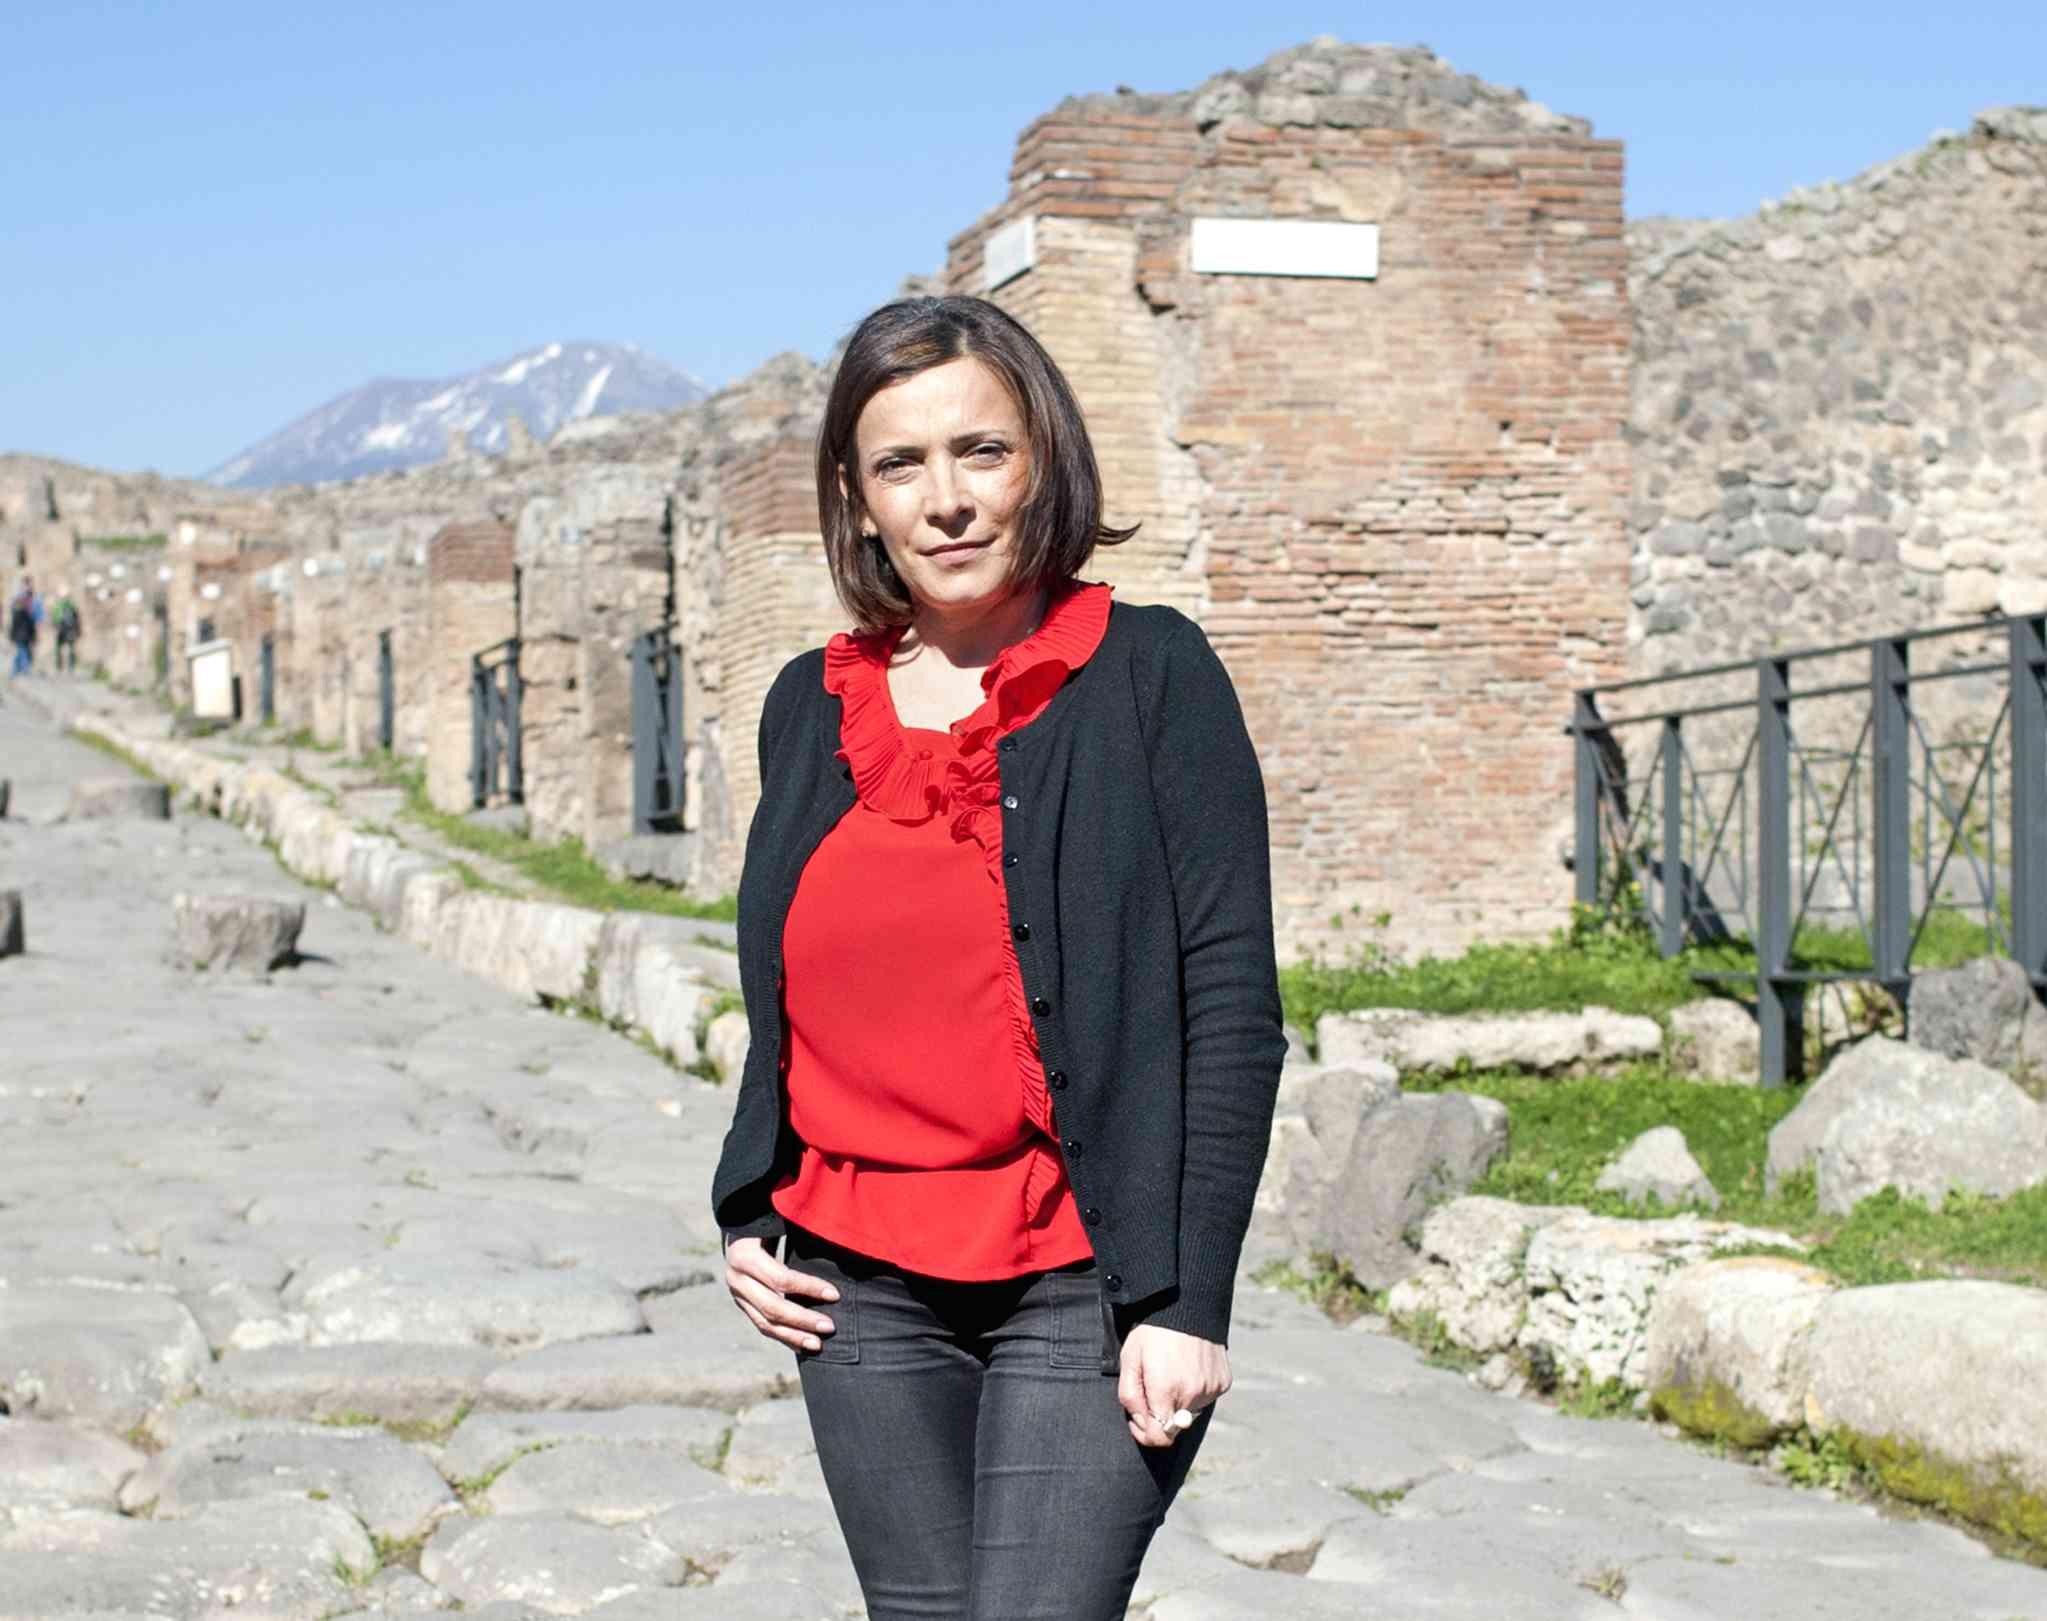 Annamaria Mauro